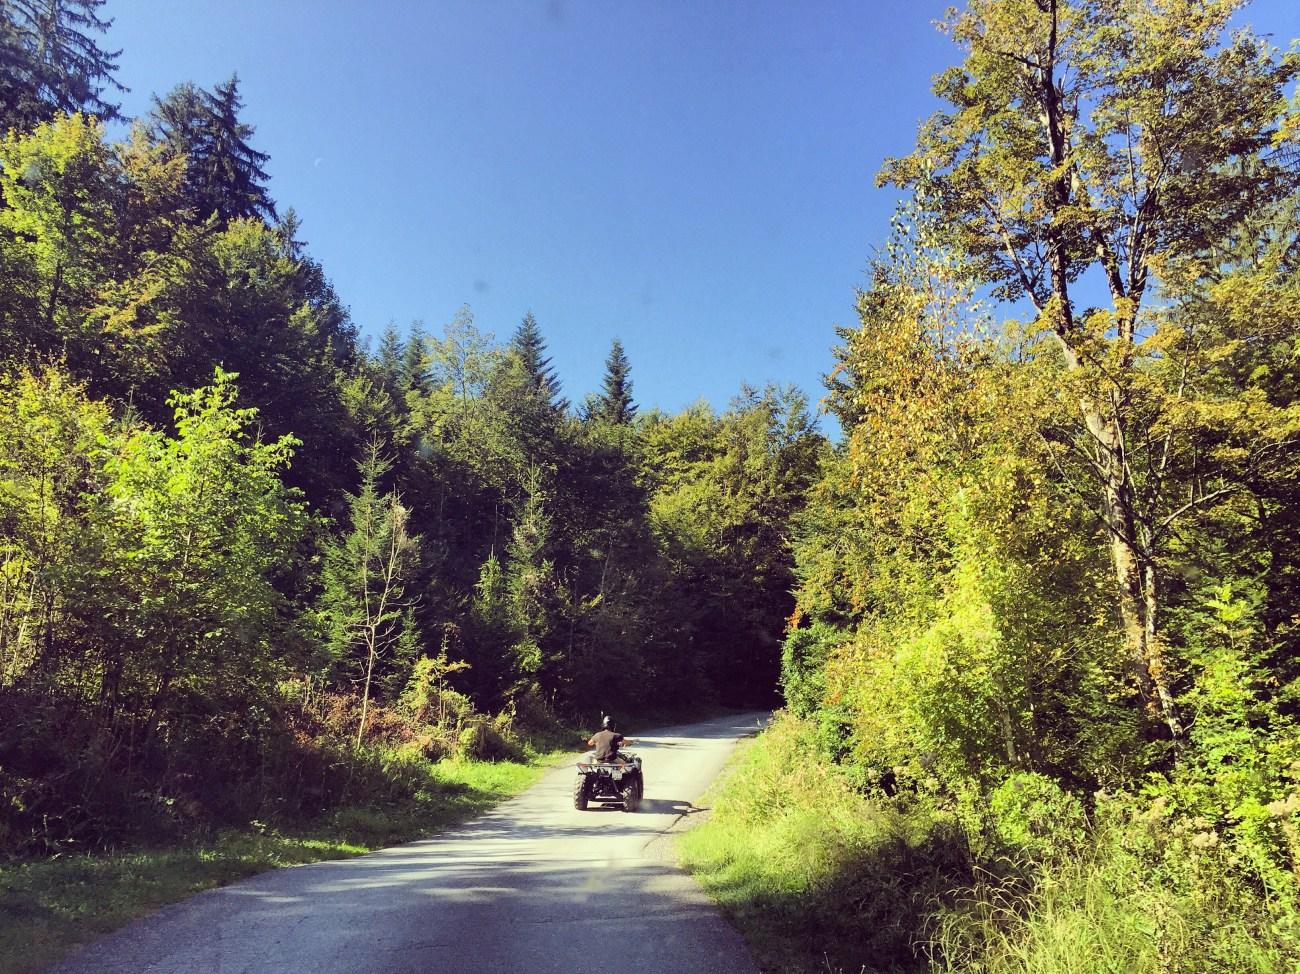 Zondag is et schitterend weer en duiken we de berg op om te gaan grillen. Voor ons rijdt Floris op zijn quad.